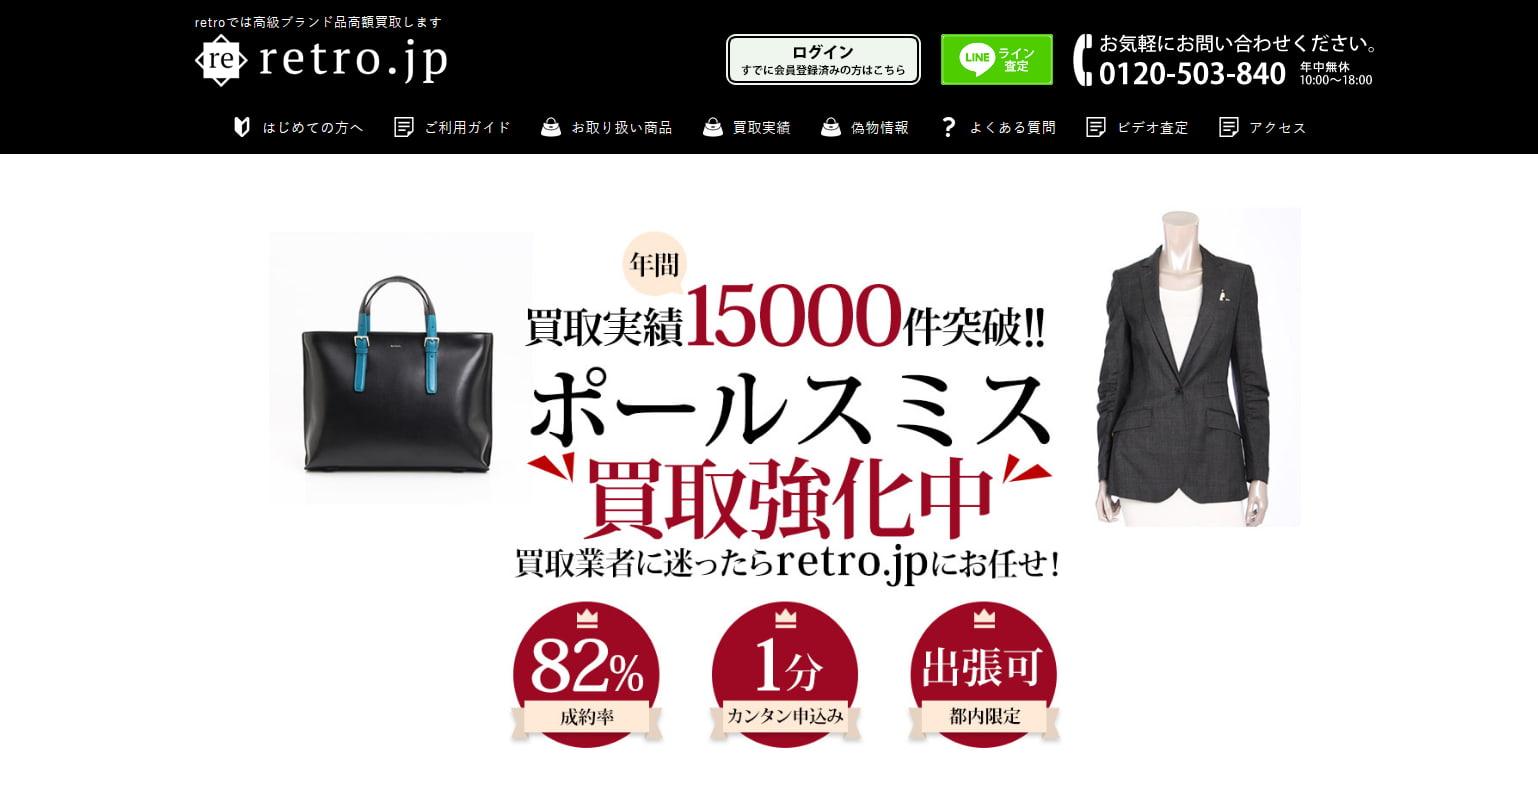 ポールスミスおすすめ買取店retro.jp